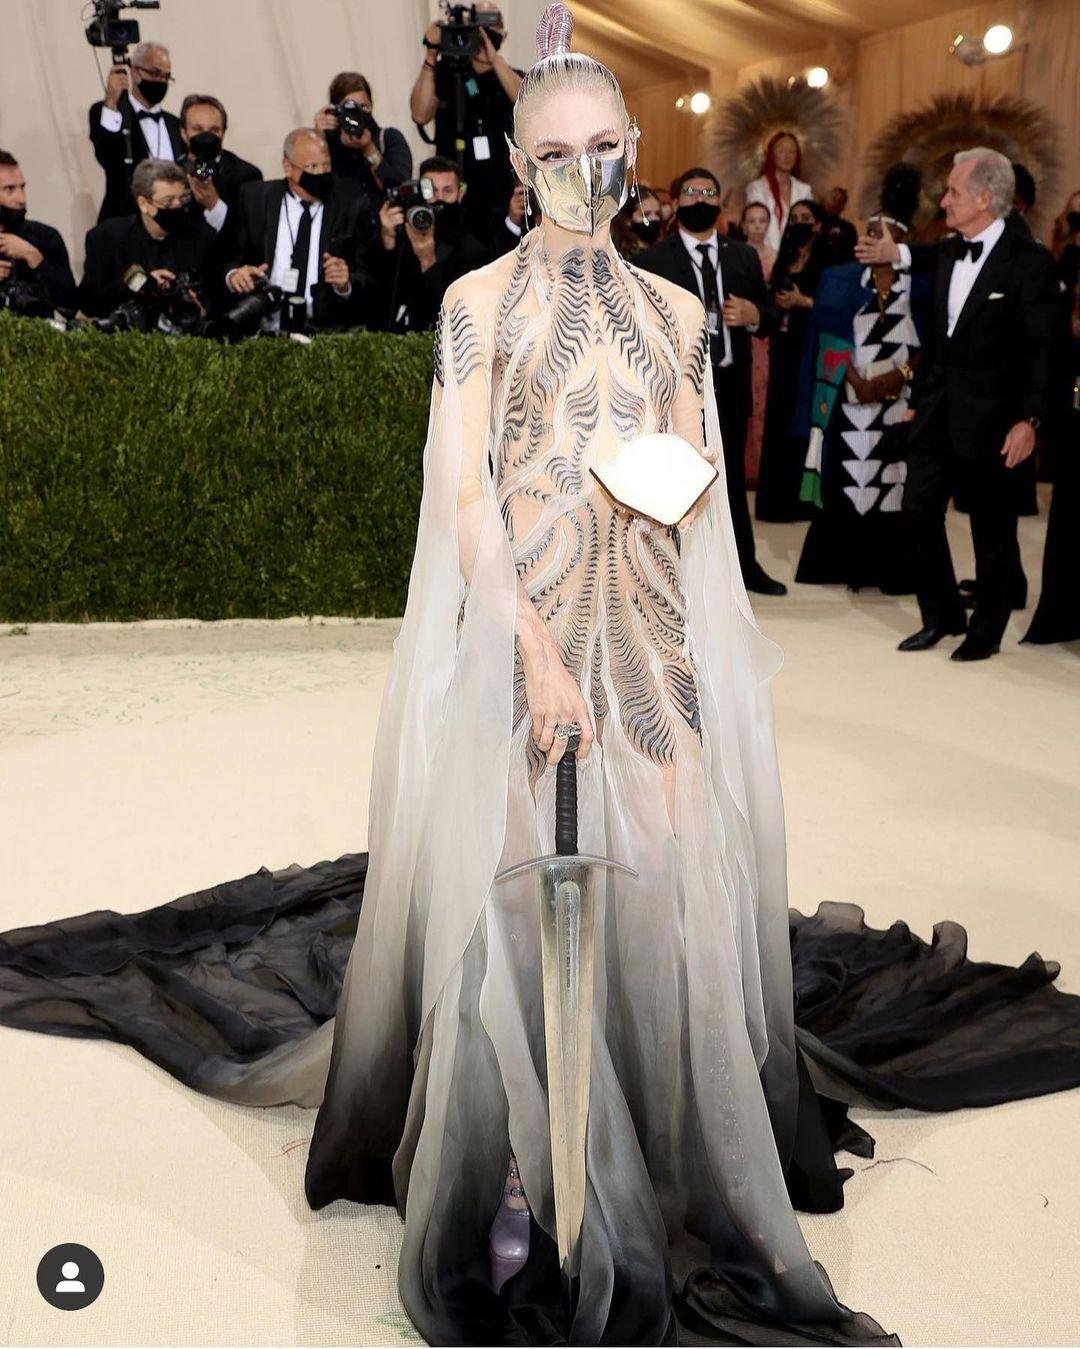 Met Gala 2021: Rosé xuất hiện, mặc lại váy cũ và chìm nghỉm giữa những màn lột đồ lồng lộn trên thảm đỏ  - Ảnh 15.